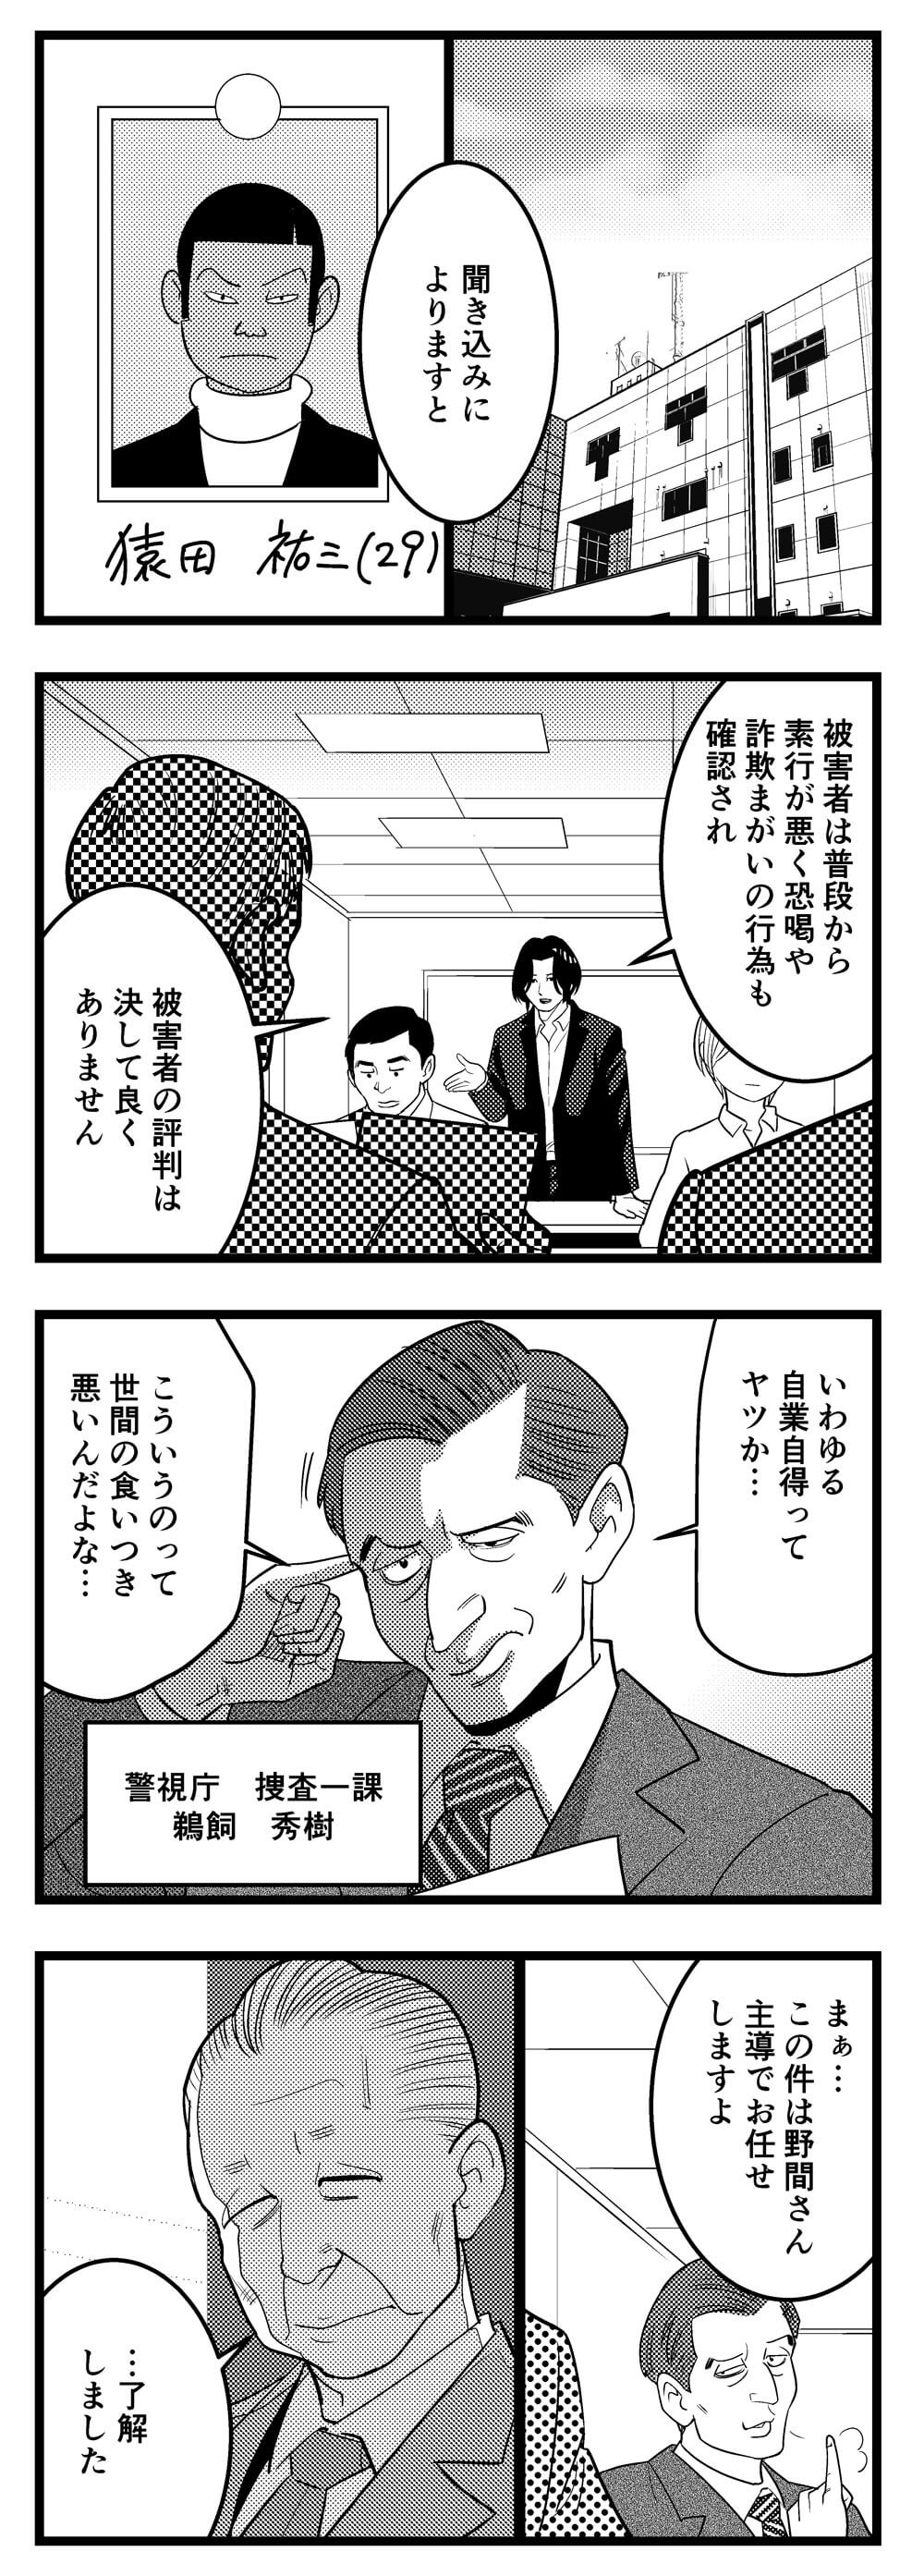 犬ごり16_040-2